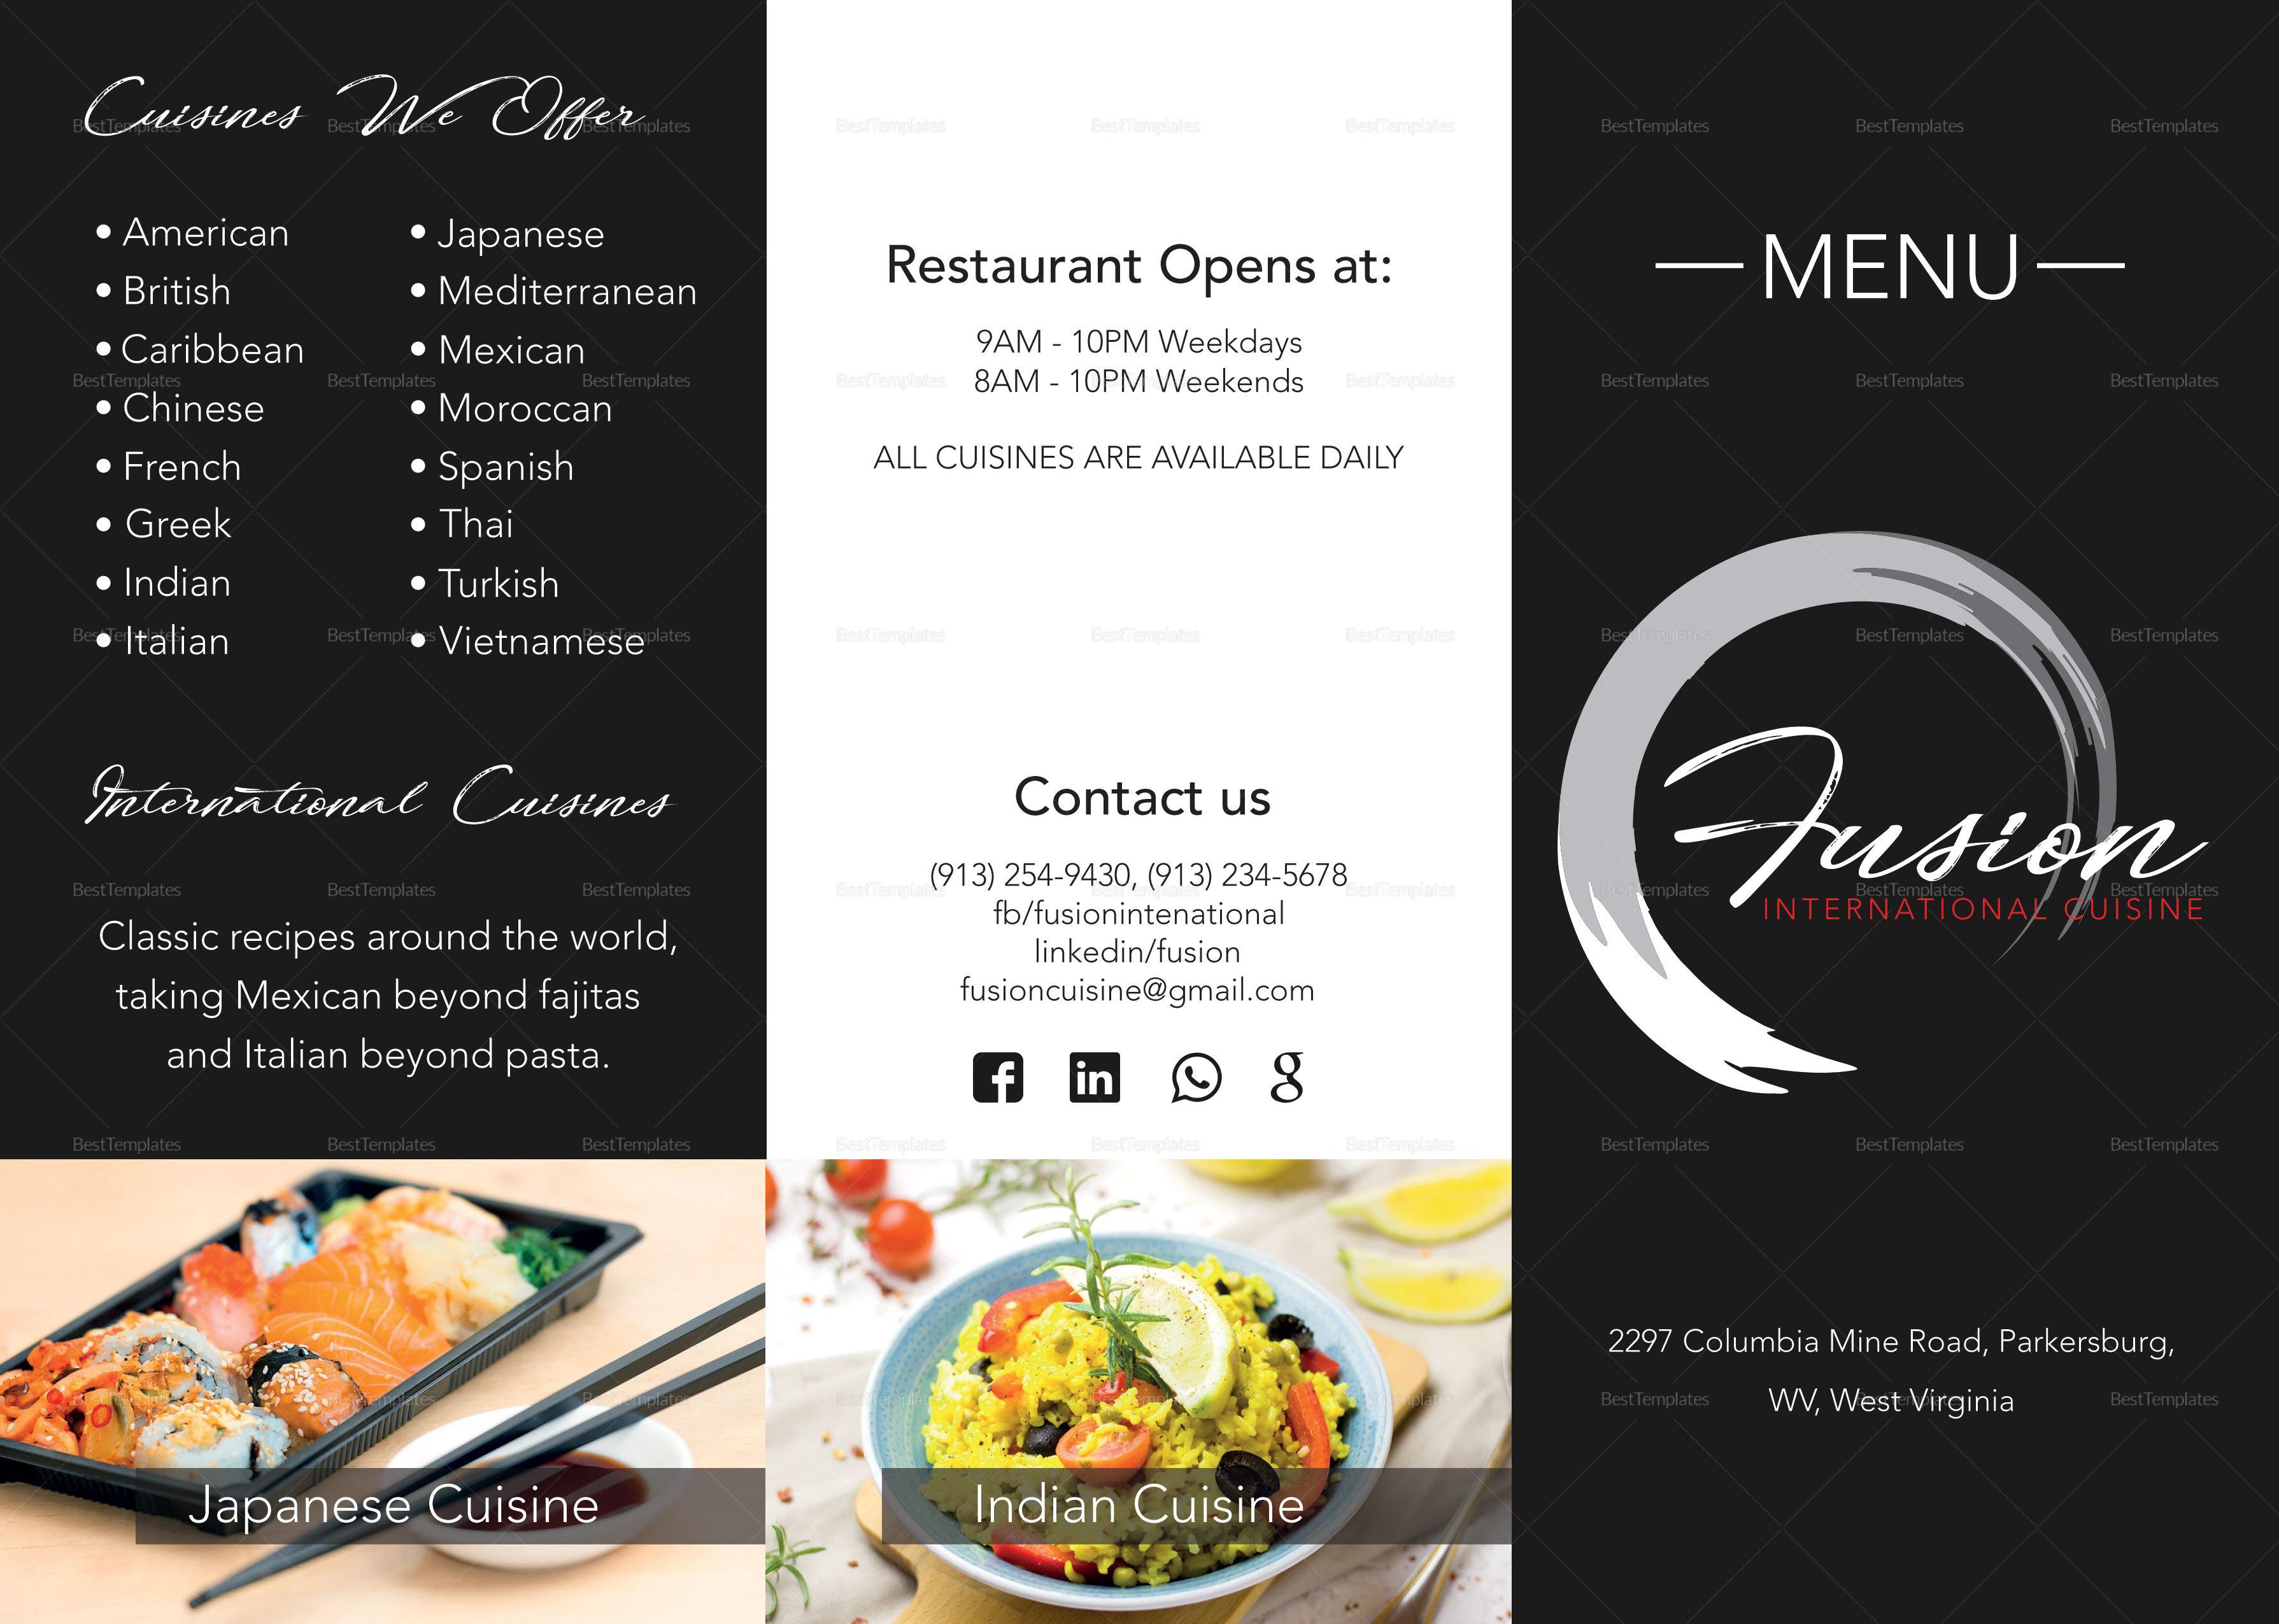 cuisine tri fold menu design template in psd word publisher